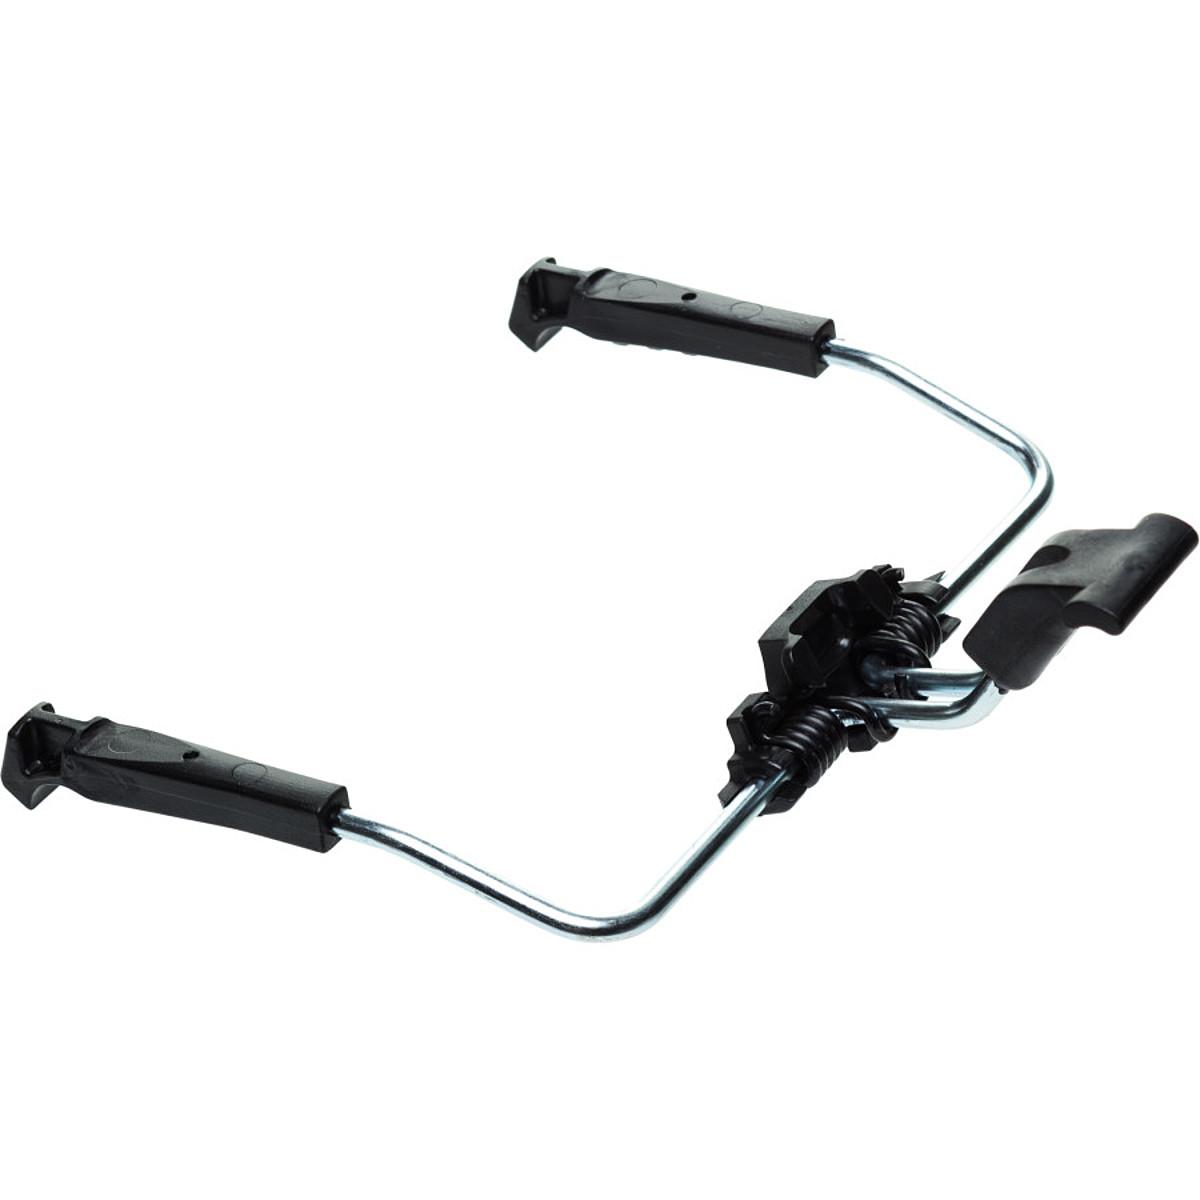 Scarpa NTN Freedom Ski Brake